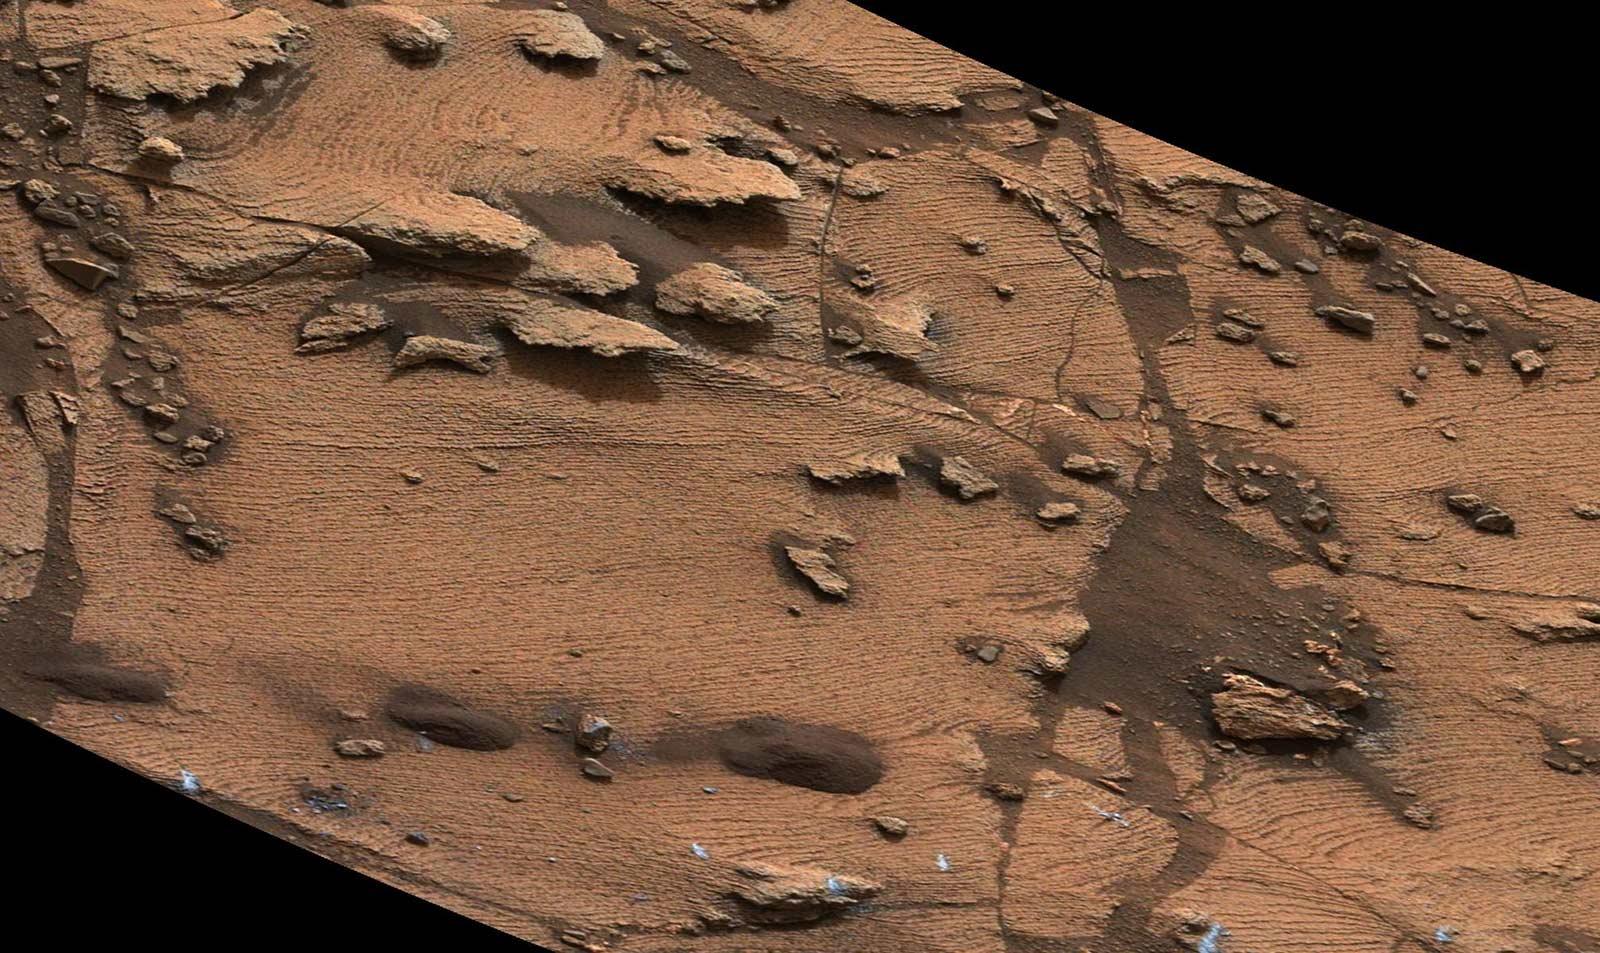 Sediment deposition on Mars